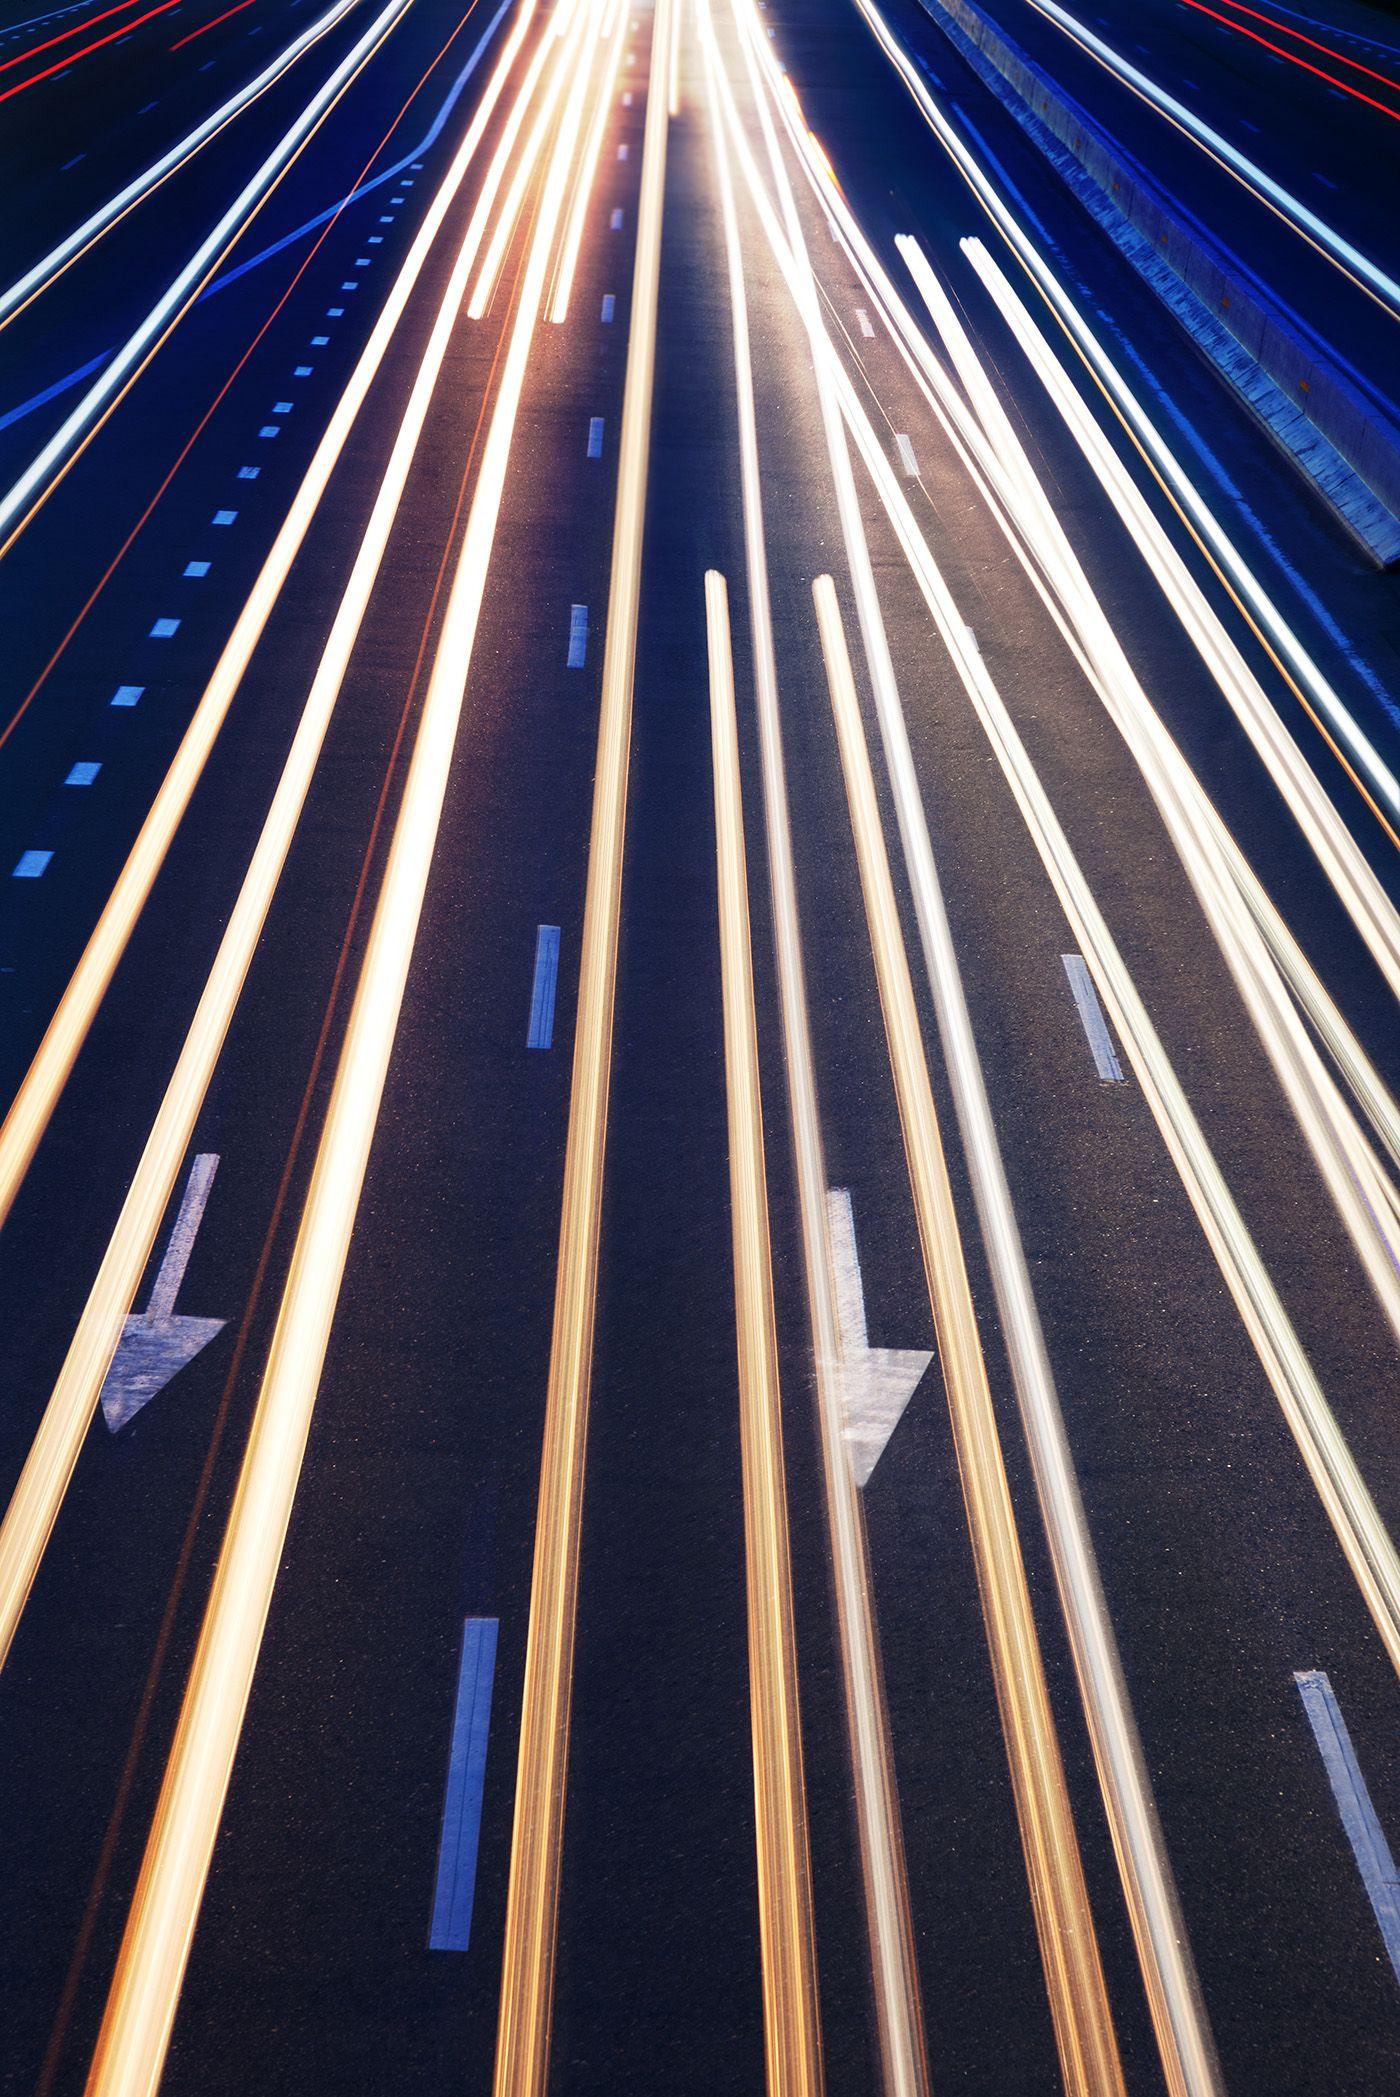 longa exposição #urban #road